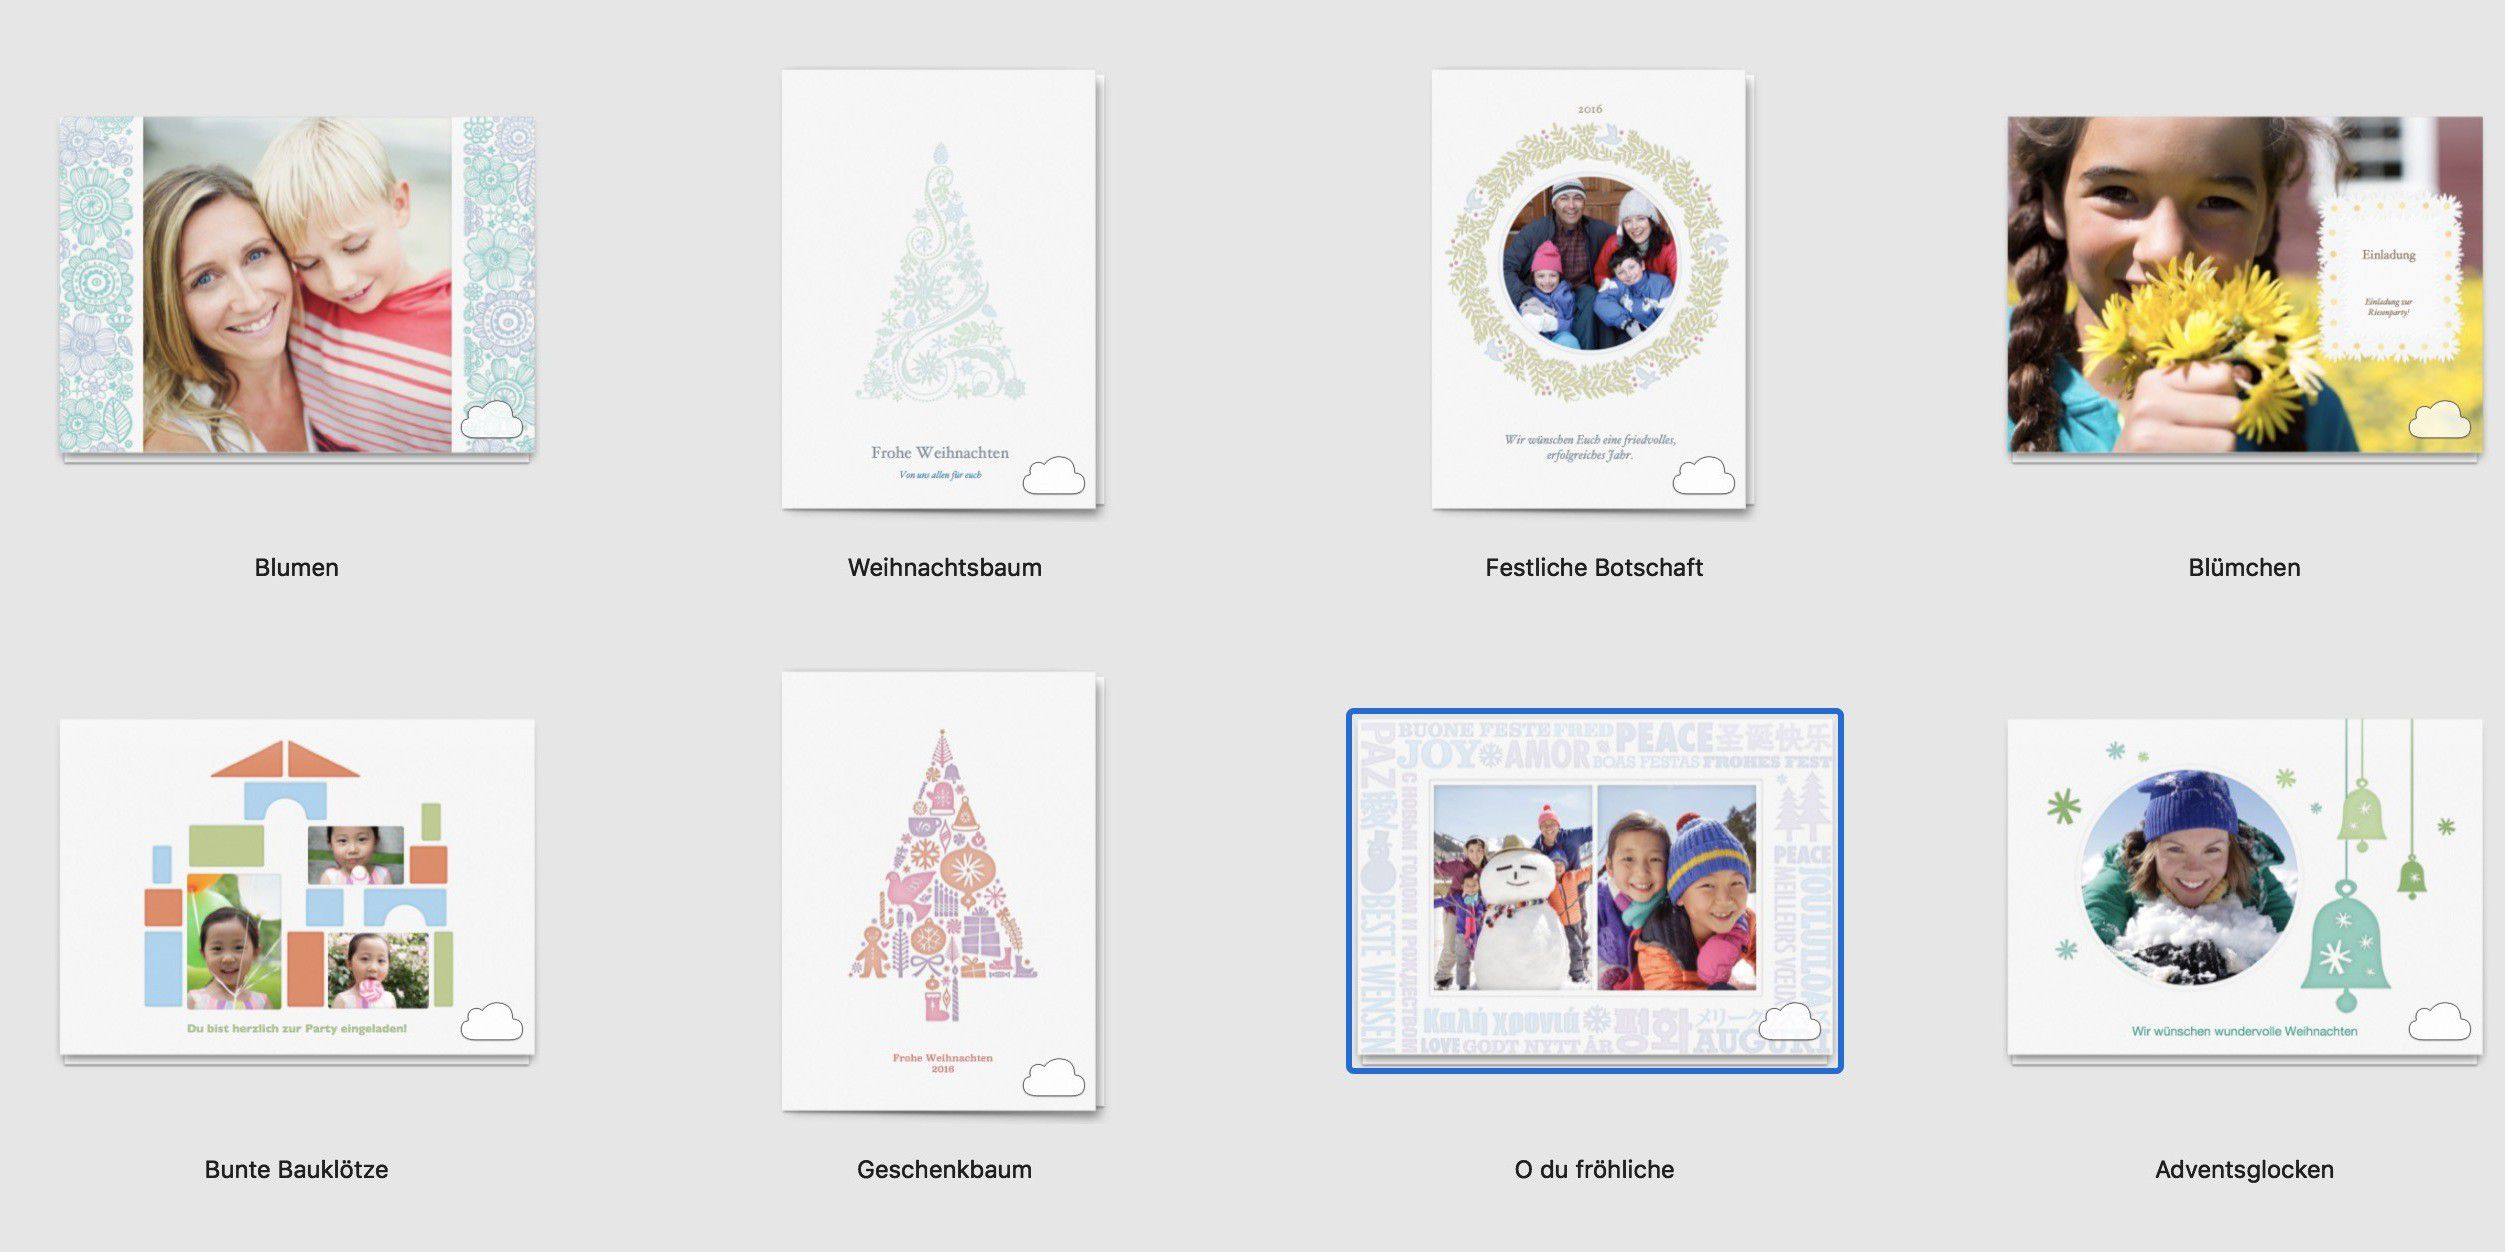 Pers nliche weihnachtskarte mit fotos und photoshop macwelt for Photoshop weihnachtskarte